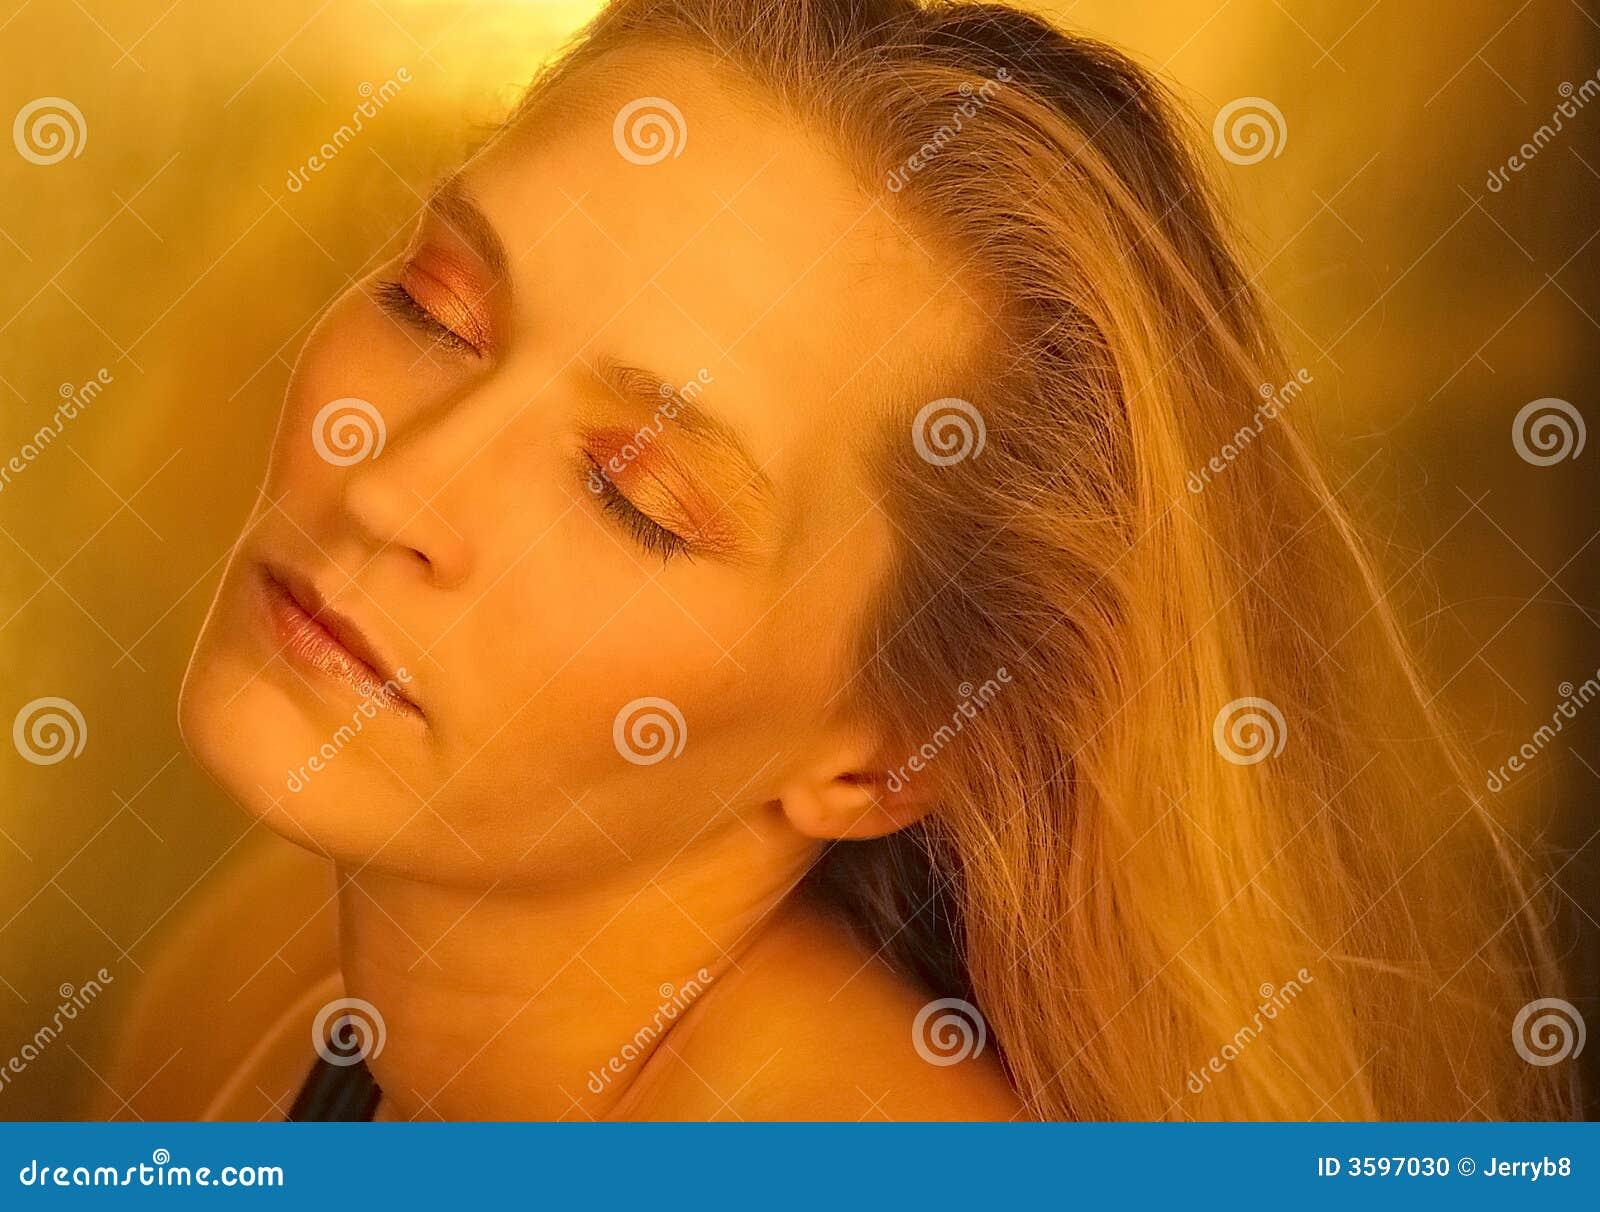 Piękna blondynka serdecznie